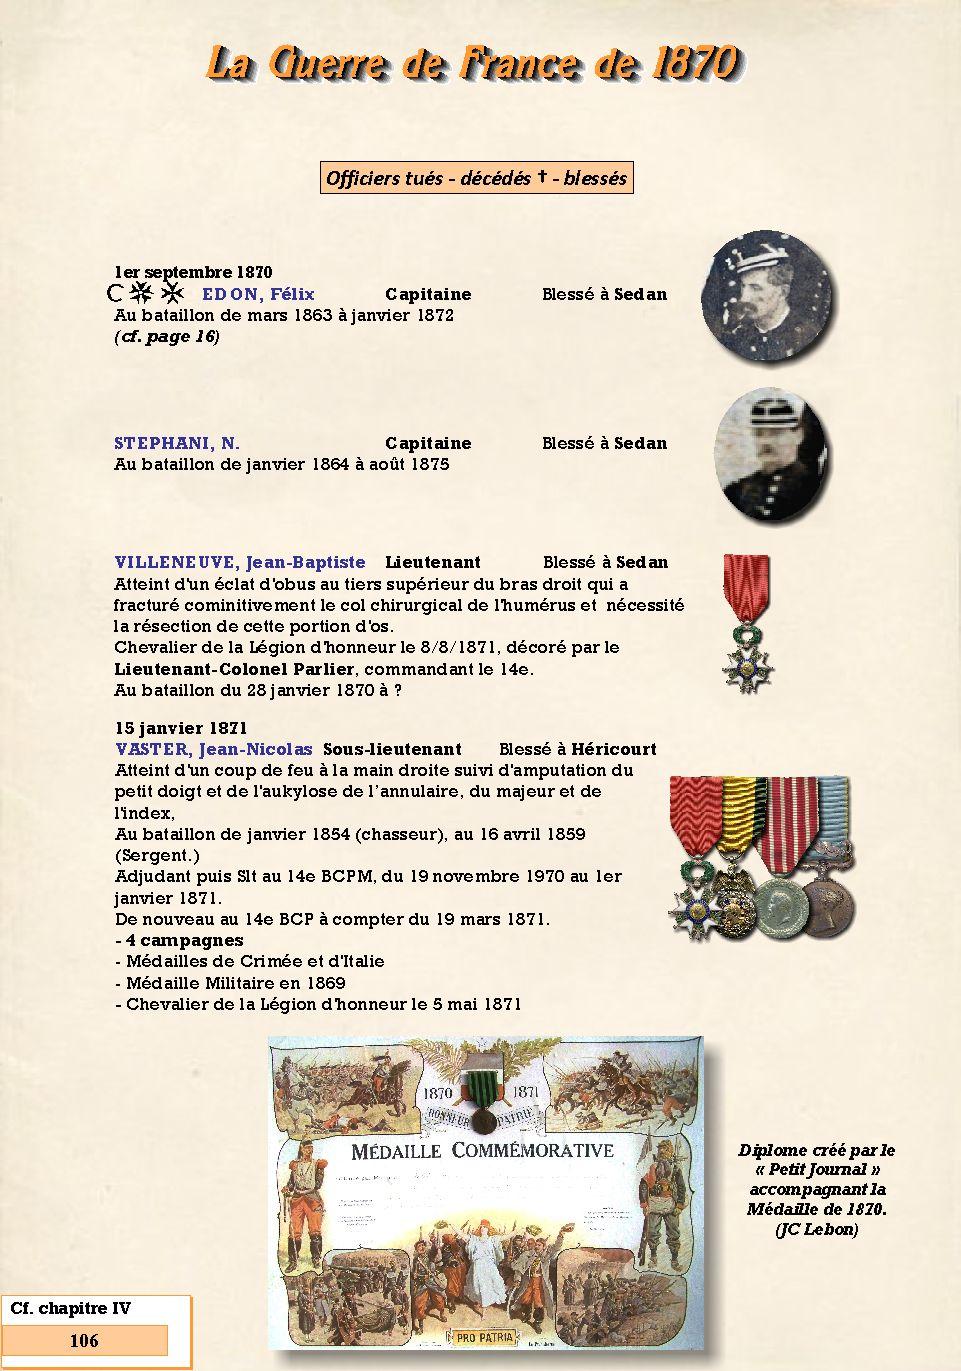 L'Historique du 14e Bataillon de Chasseurs. 1854 - 1962 Page_126